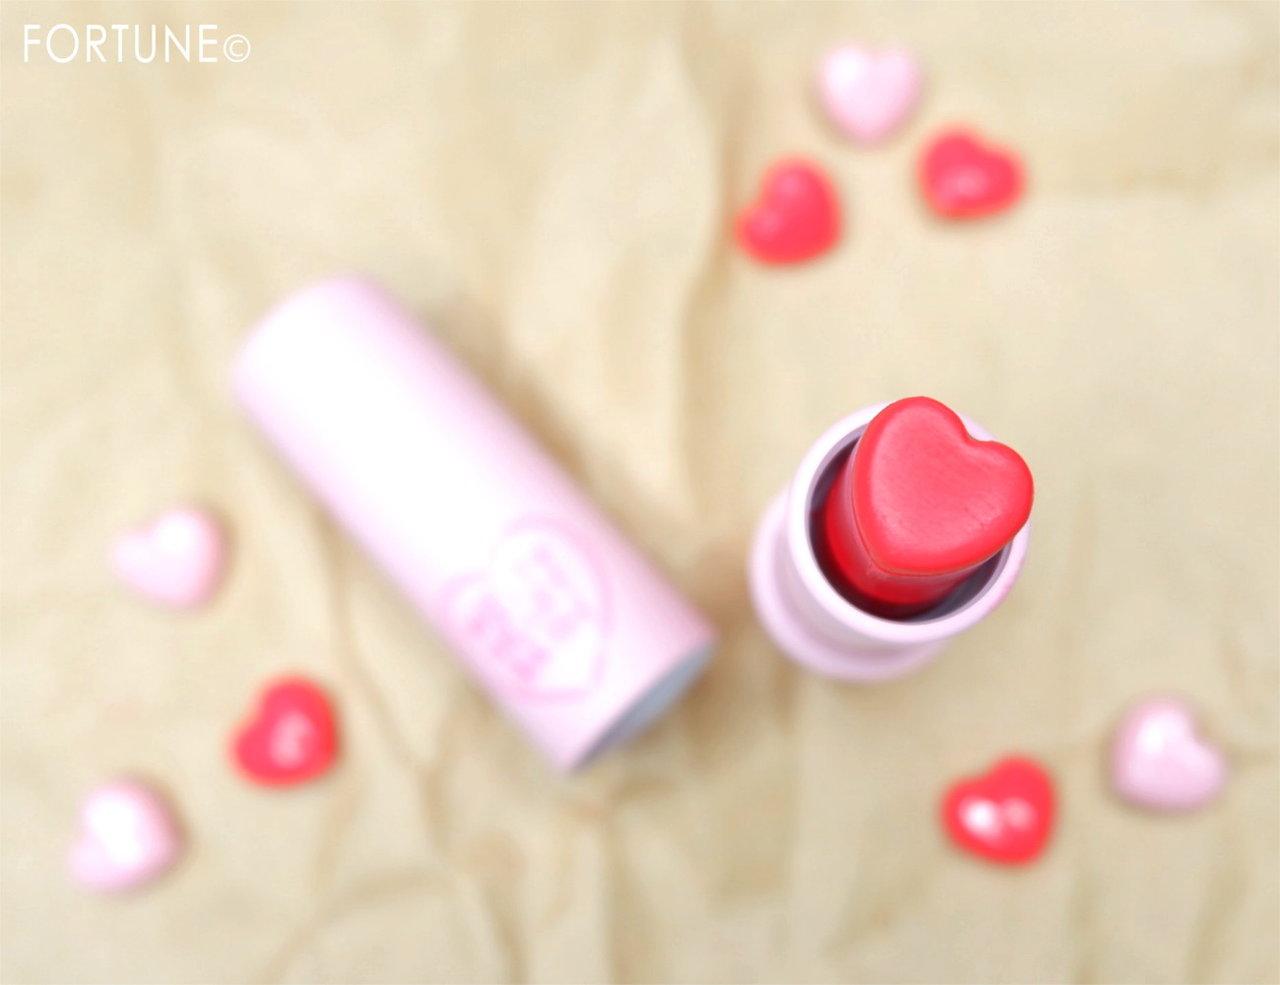 バレンタインは愛されナチュラルメイク♡インテグレート「ヌーディーグラデアイズ」&ZOOL「メルティハートバーム」